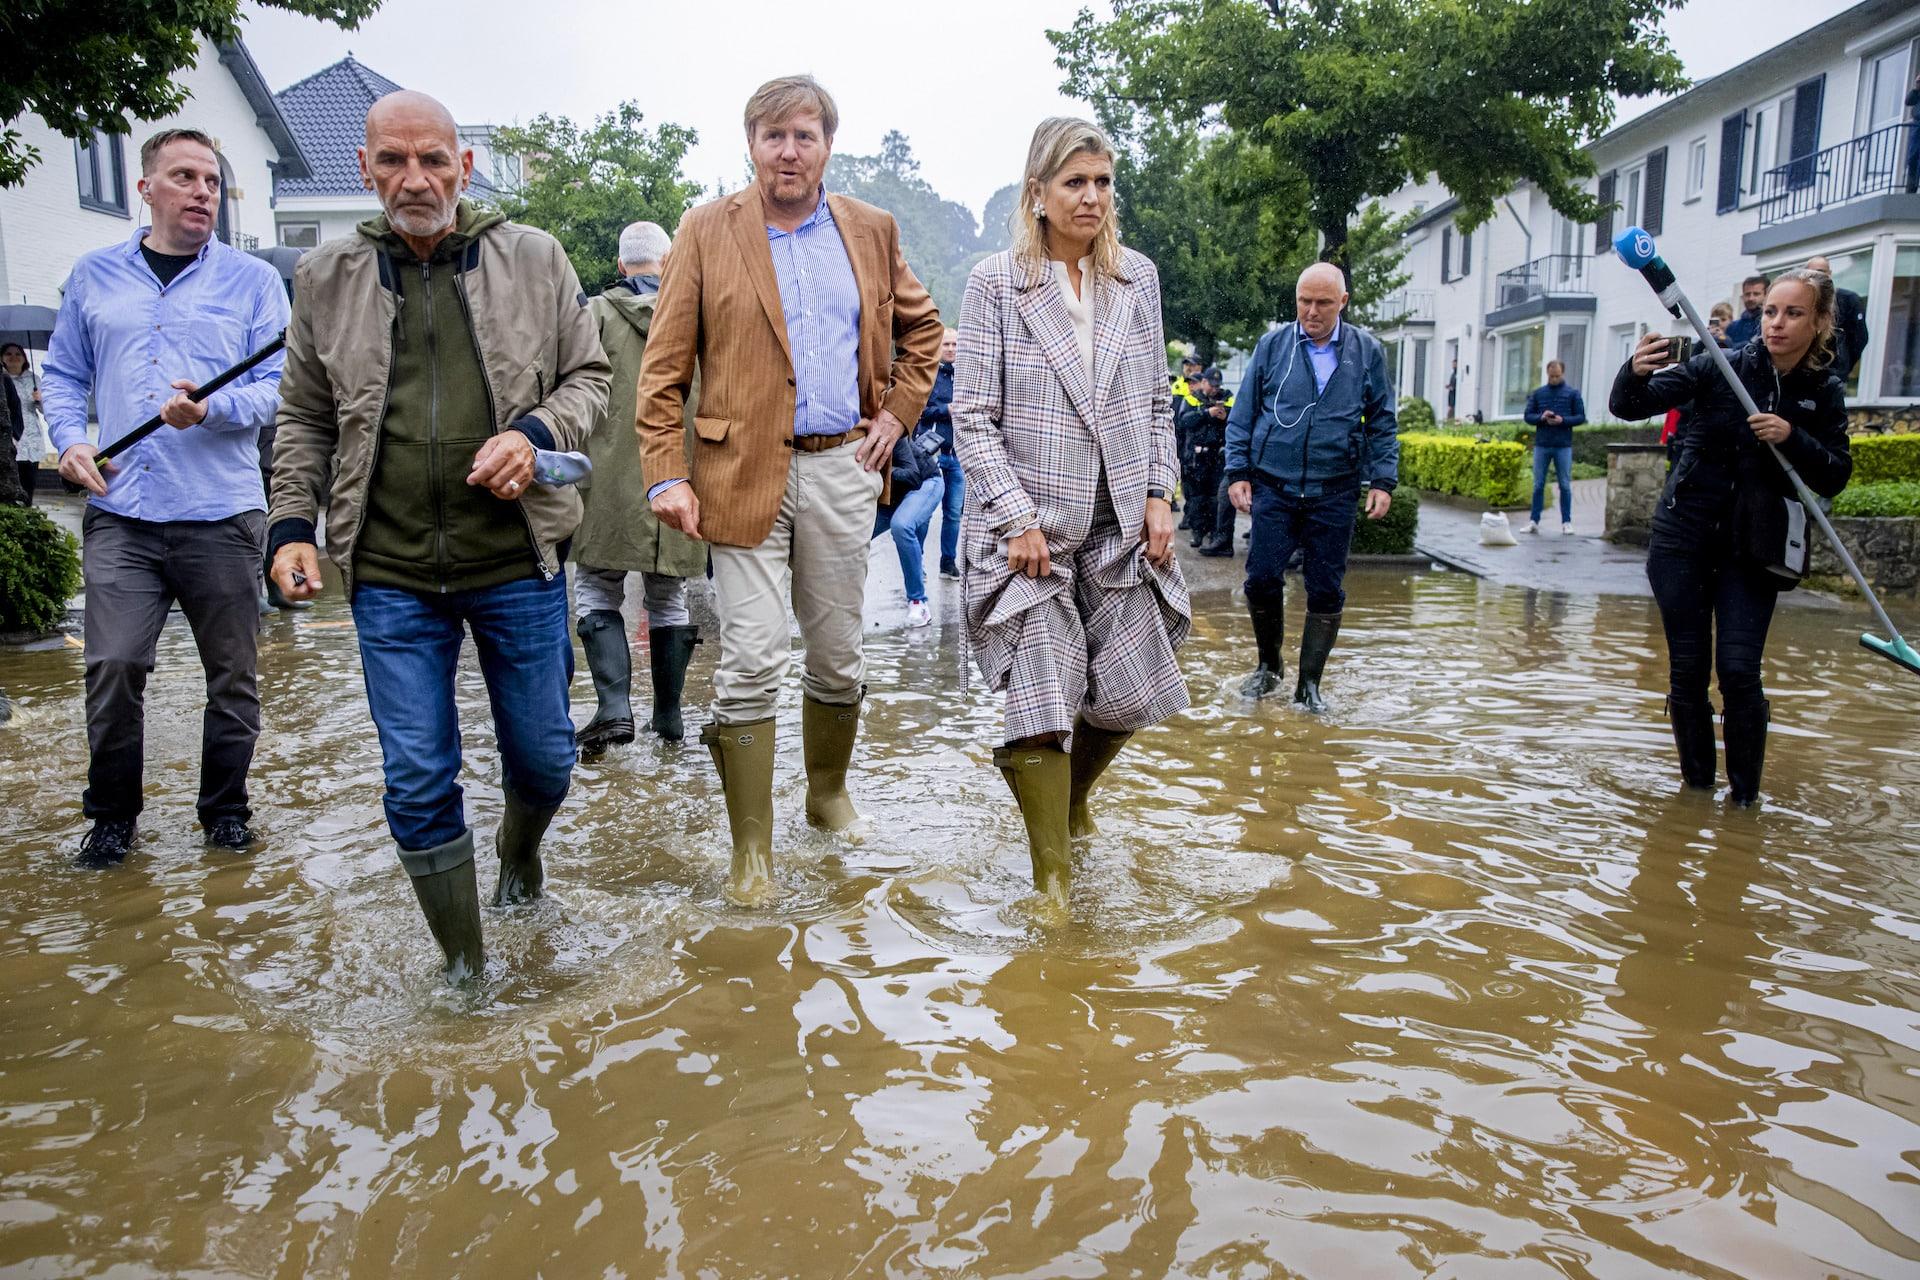 Königin Maxima & König Willem-Alexander besuchen Hochwasser-Opfer